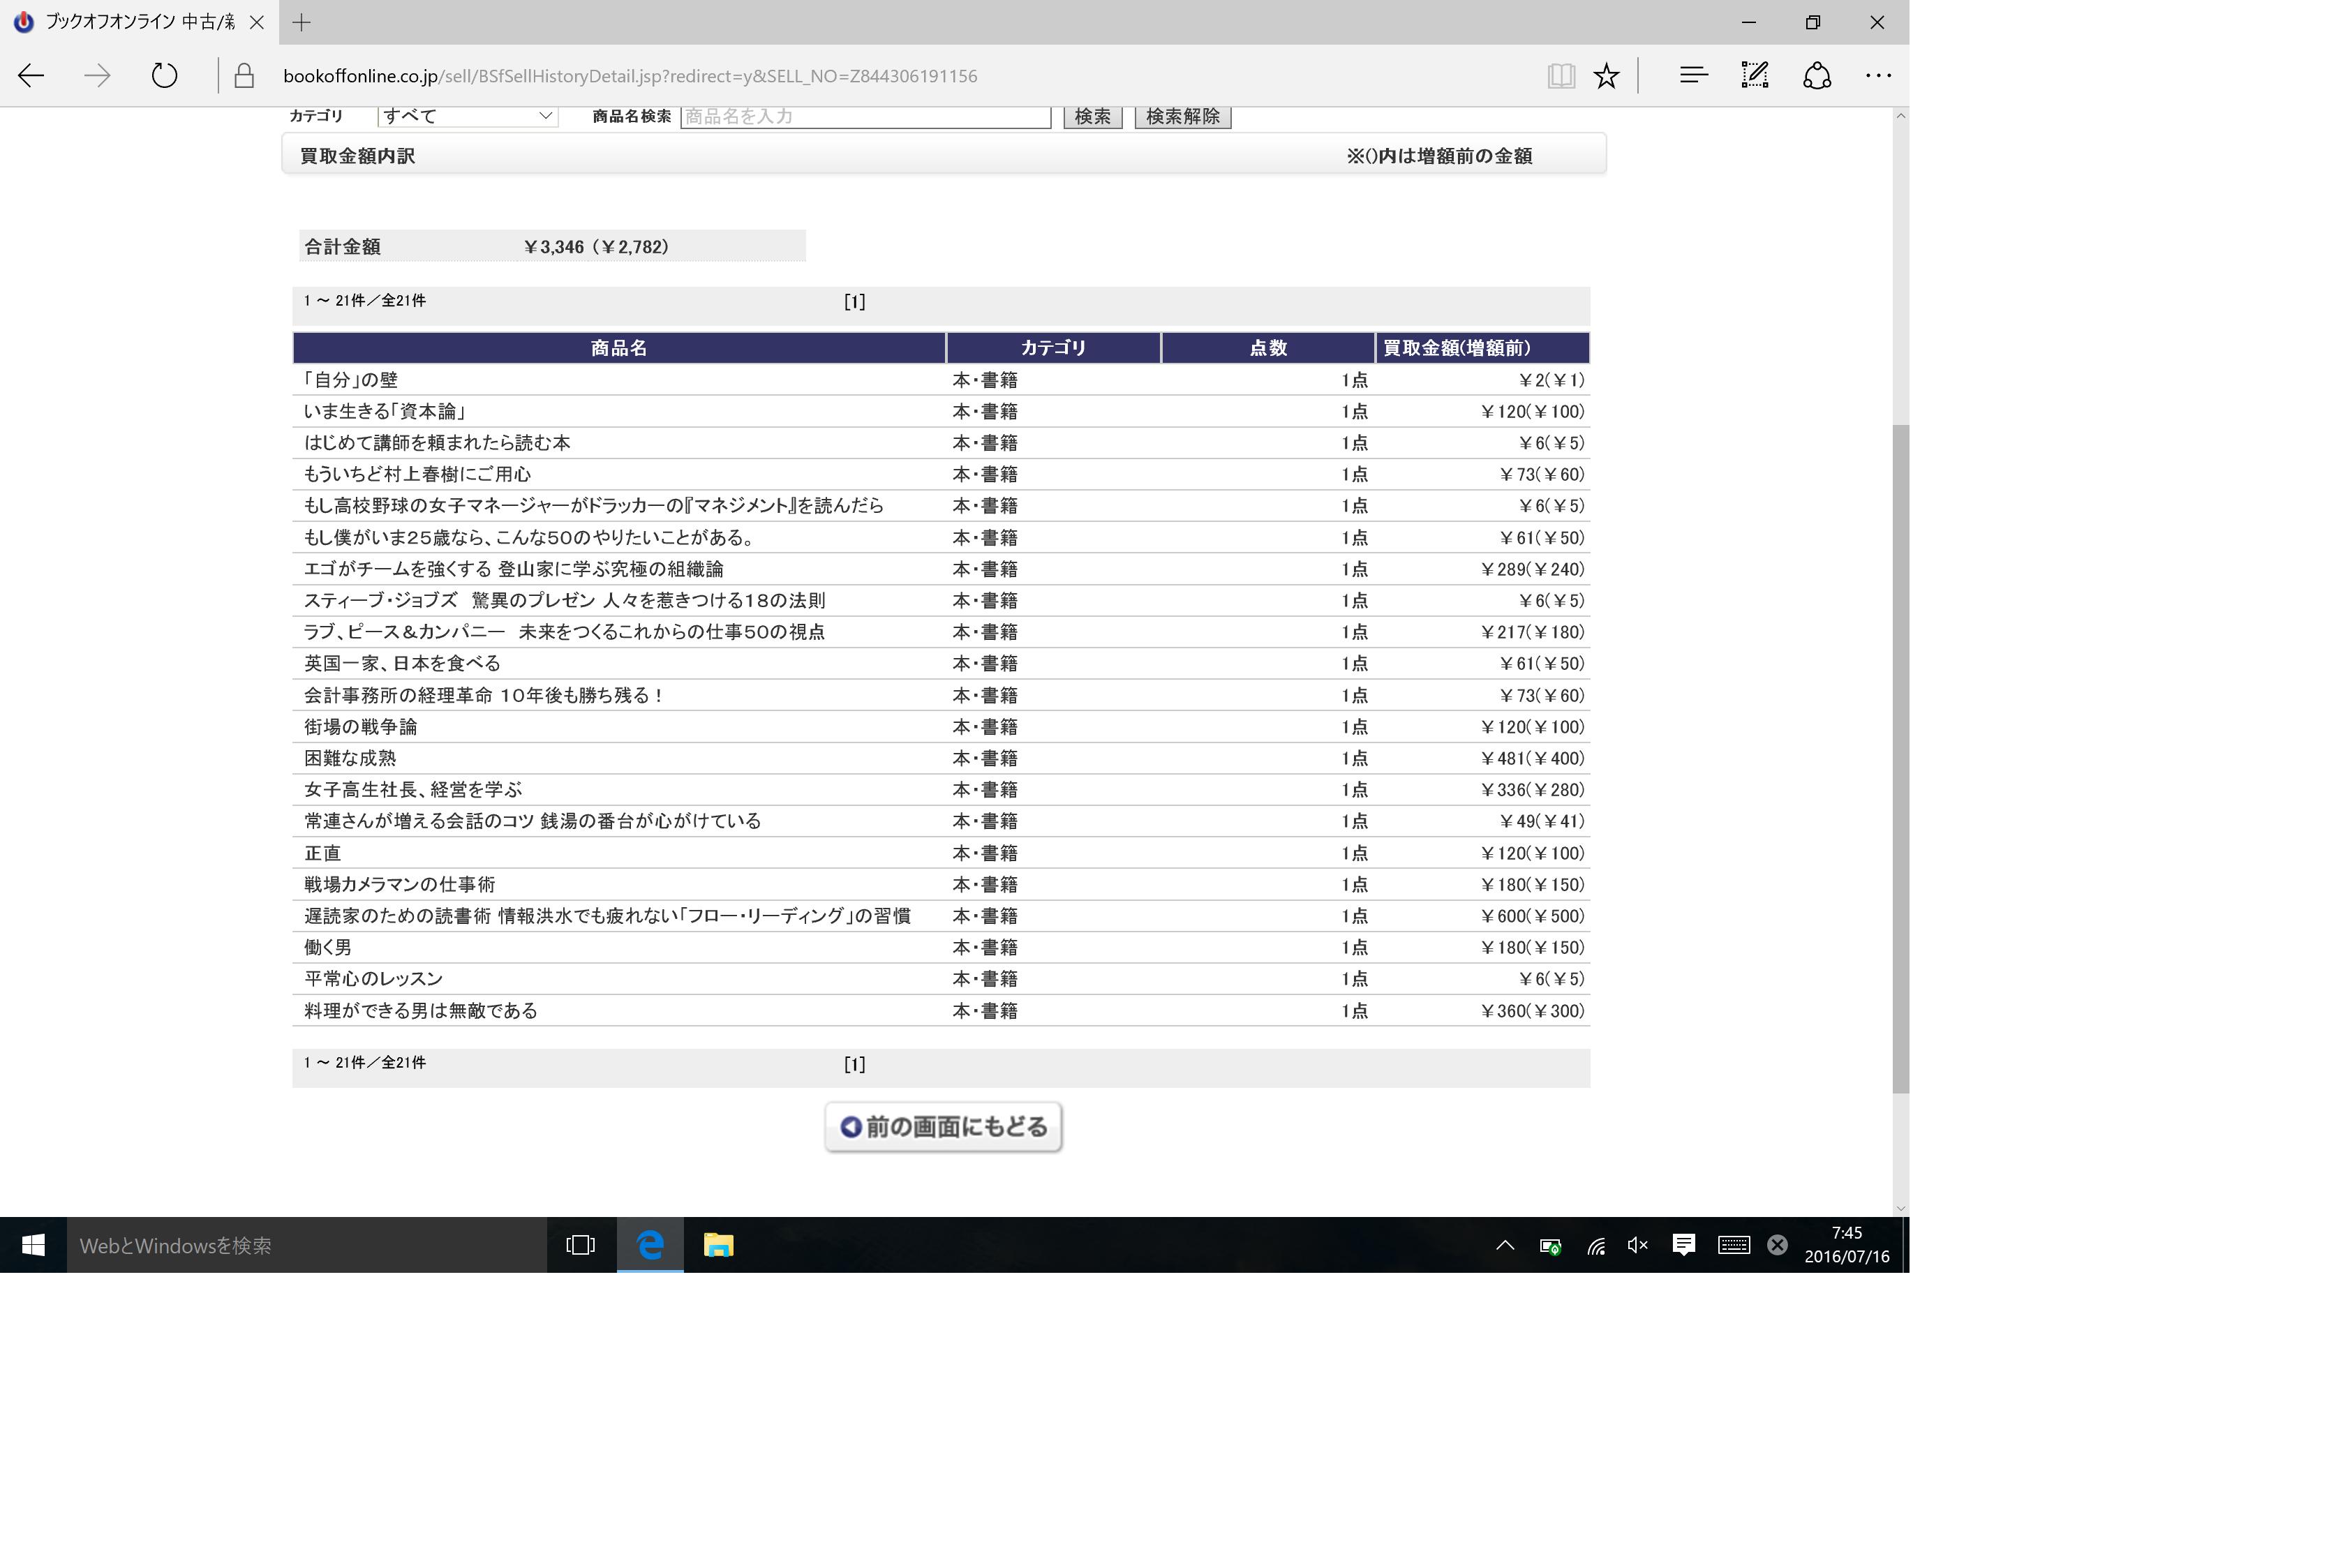 ブックオフオンライン1詳細